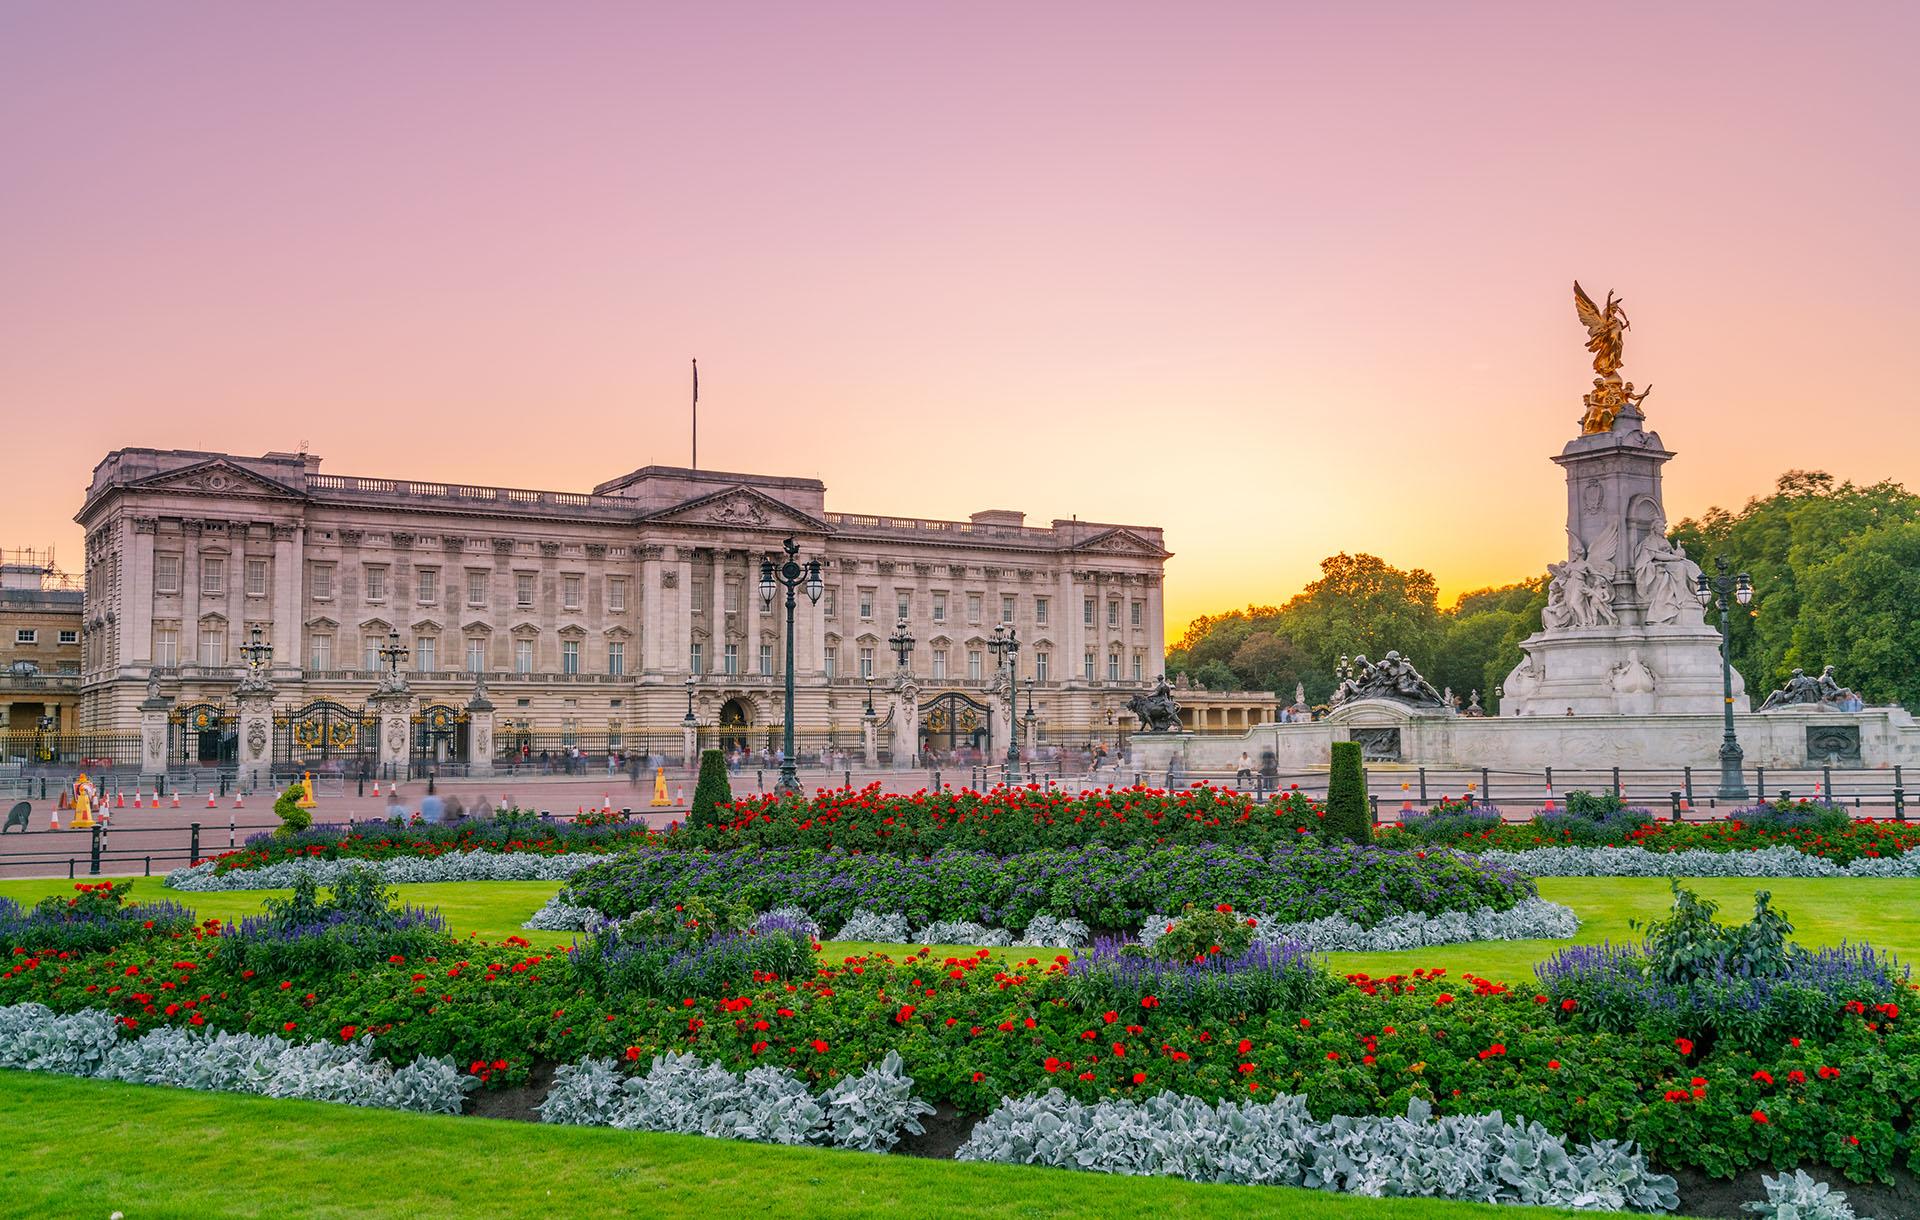 Durante las dos guerras mundiales el palacio sobrevivió de manera ejemplar. En la Primera Guerra Mundial no fue atacado pero, durante la Segunda Guerra Mundial, fue bombardeado varias veces. El ataque más importante destruyó la capilla real en 1940